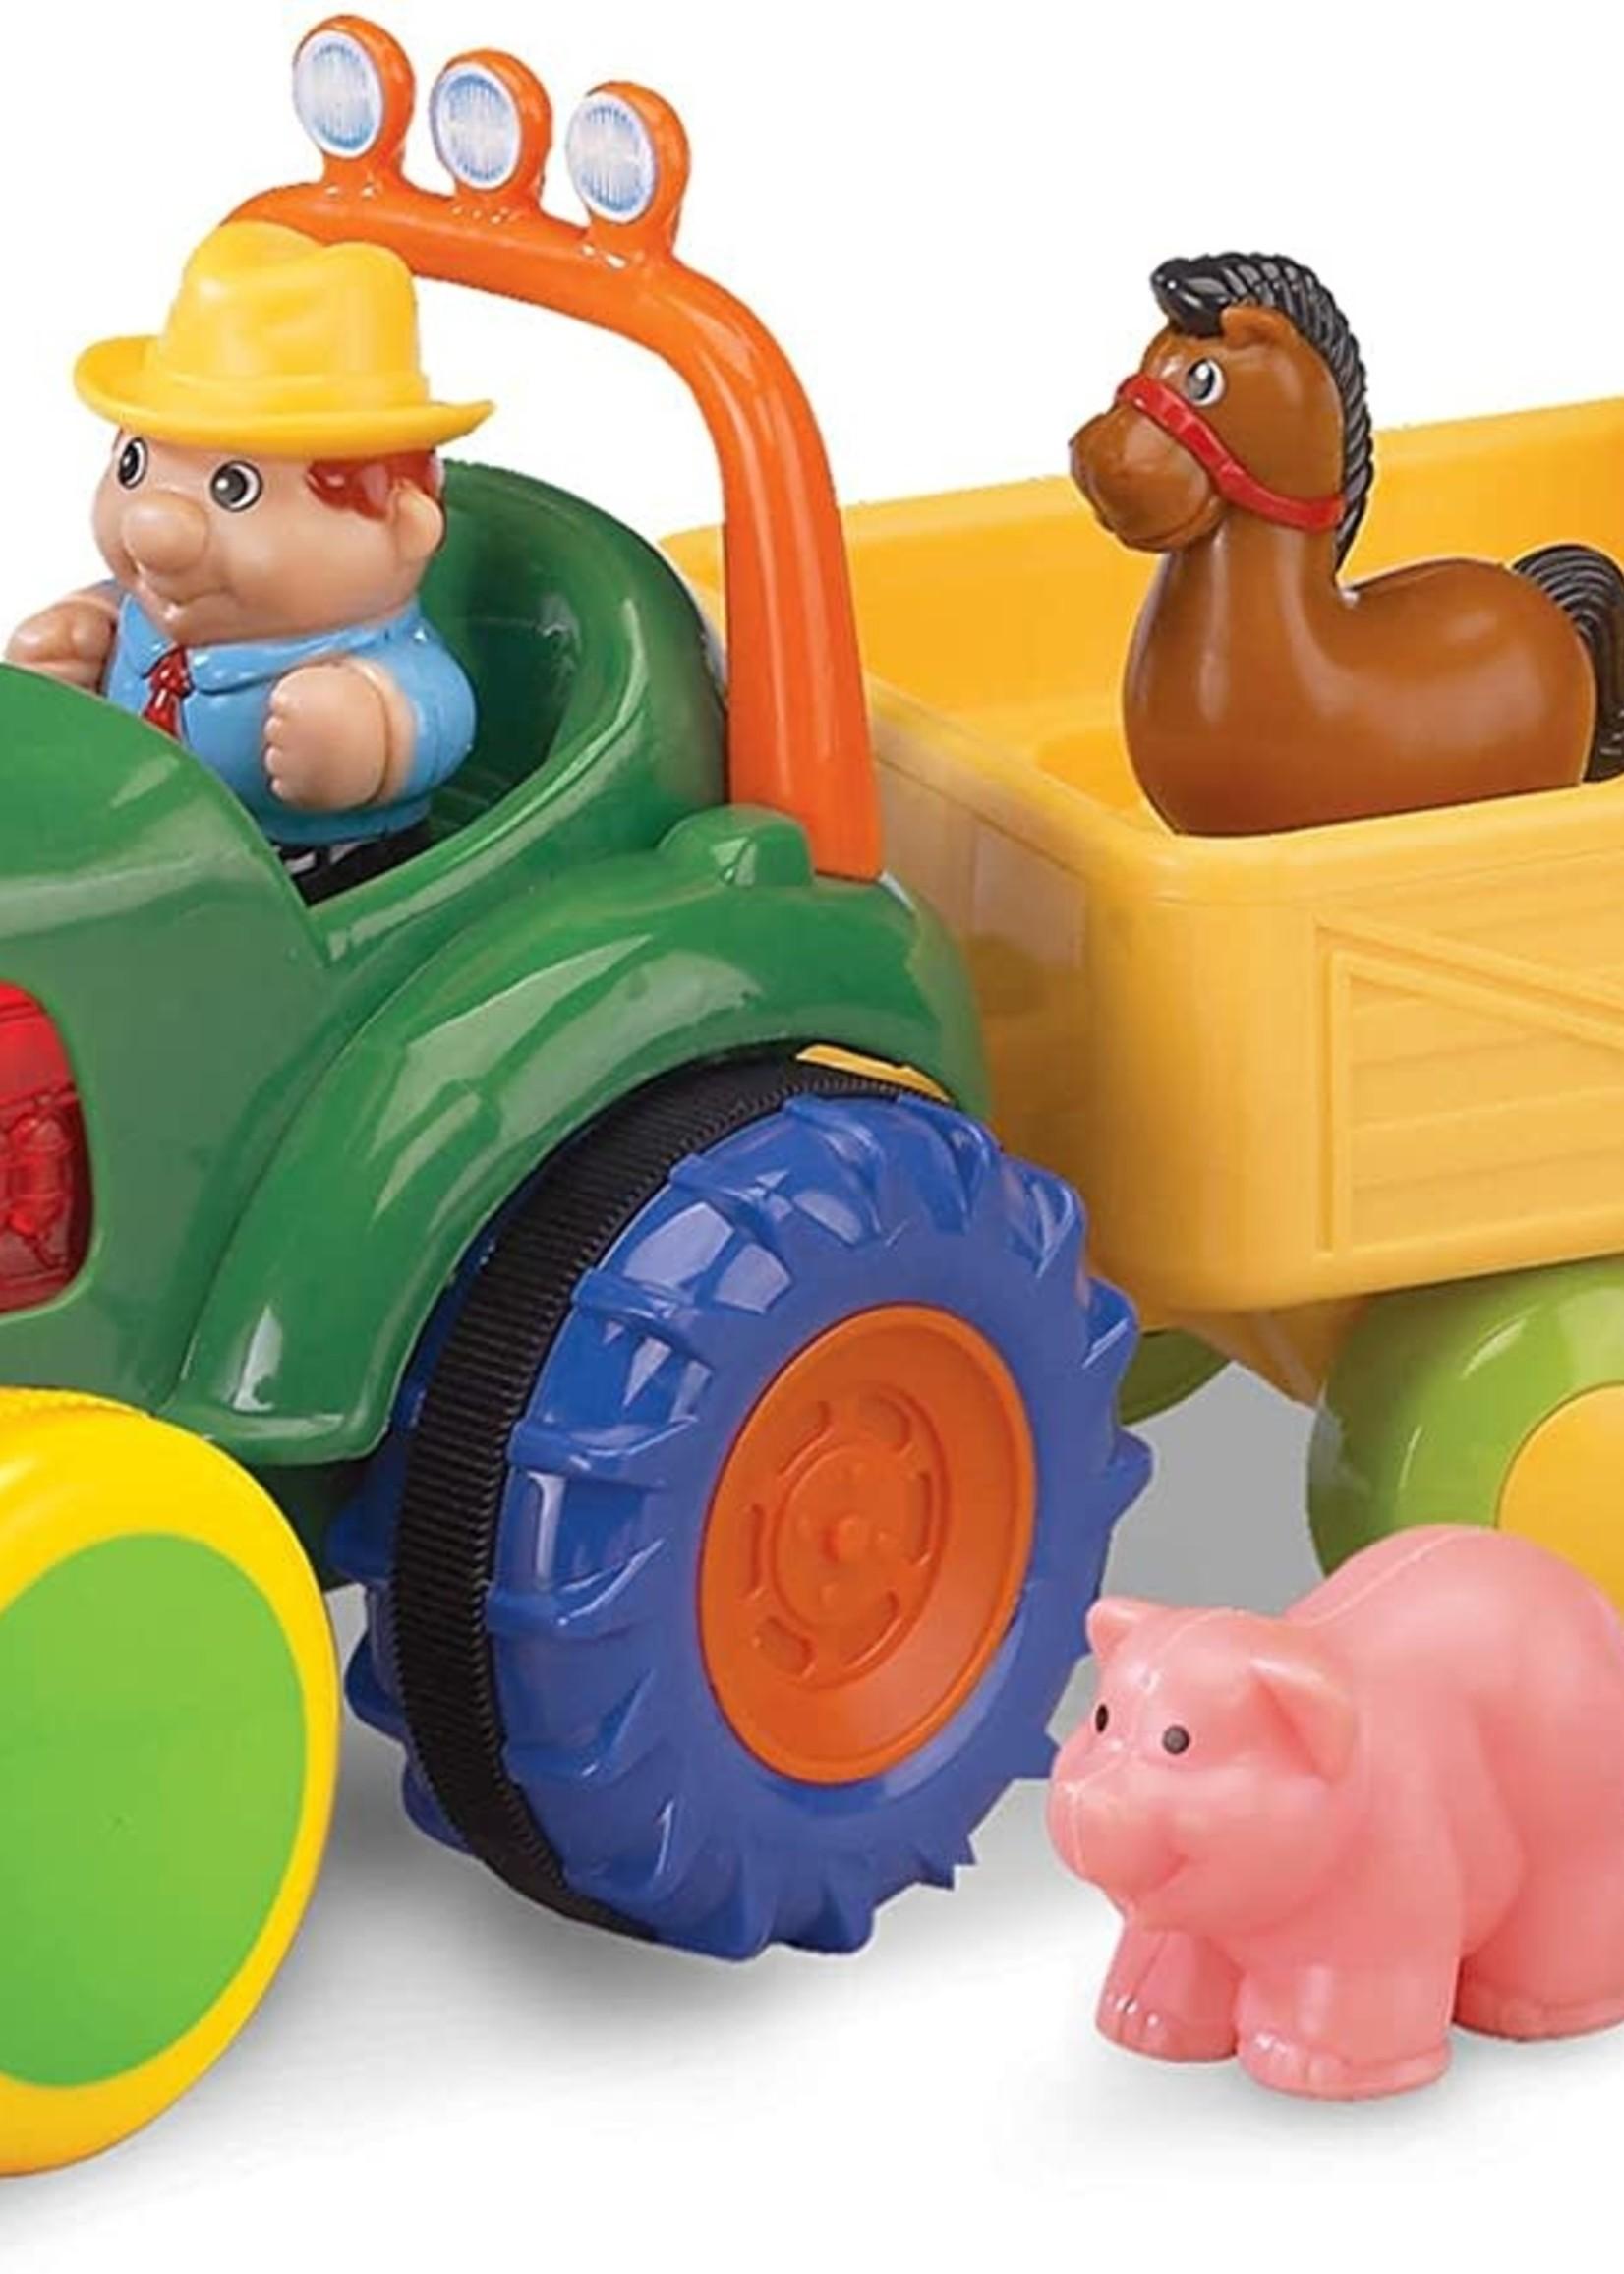 Kidoozee Funtime Tractor